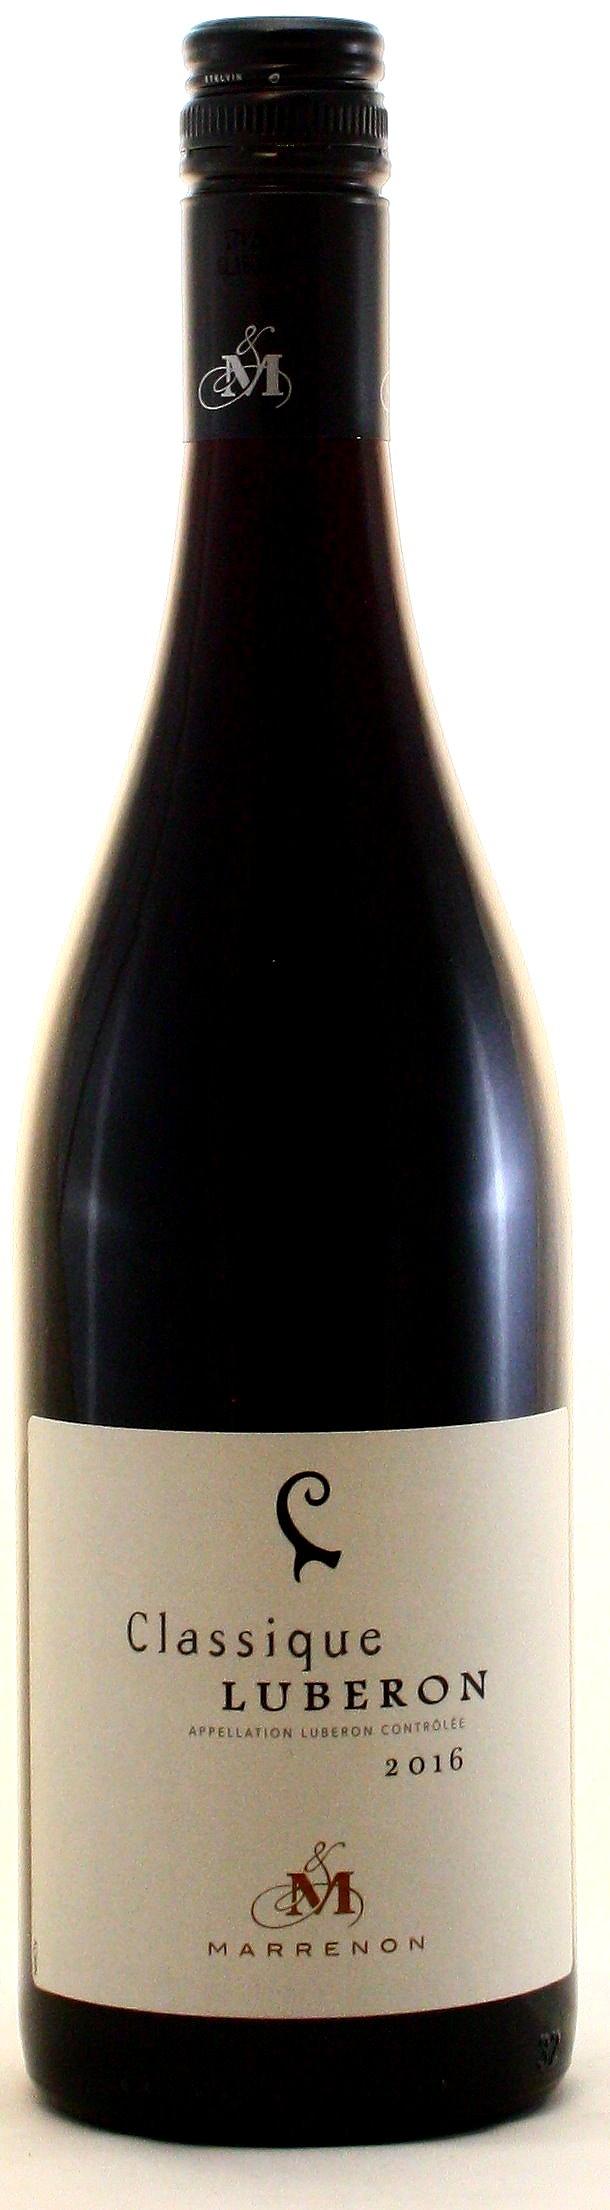 Luberon Classique Rouge, Côtes du Luberon AOC, Marrenon